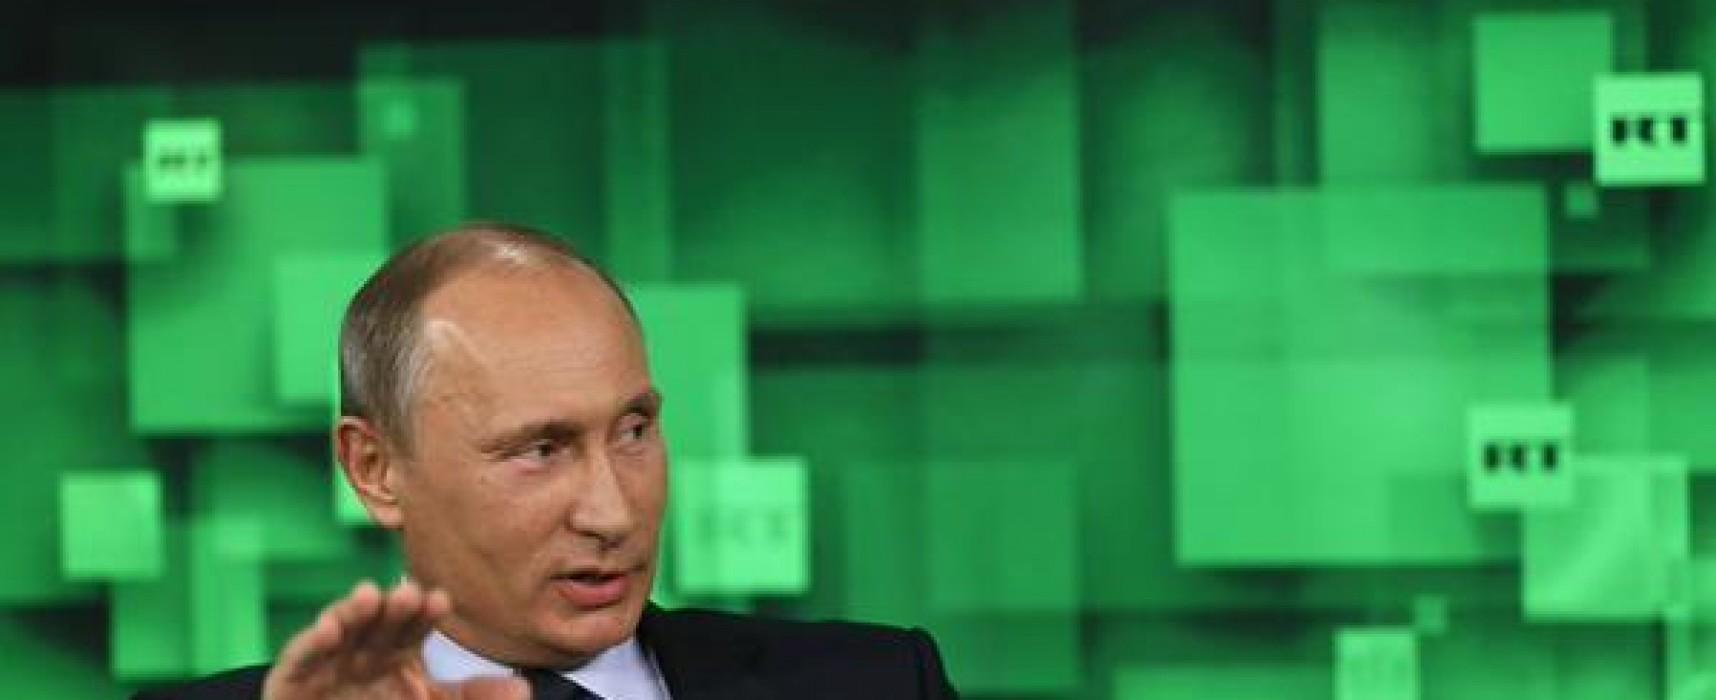 Putin Said to Open Irish Front Against 'Anglo-Saxon' News